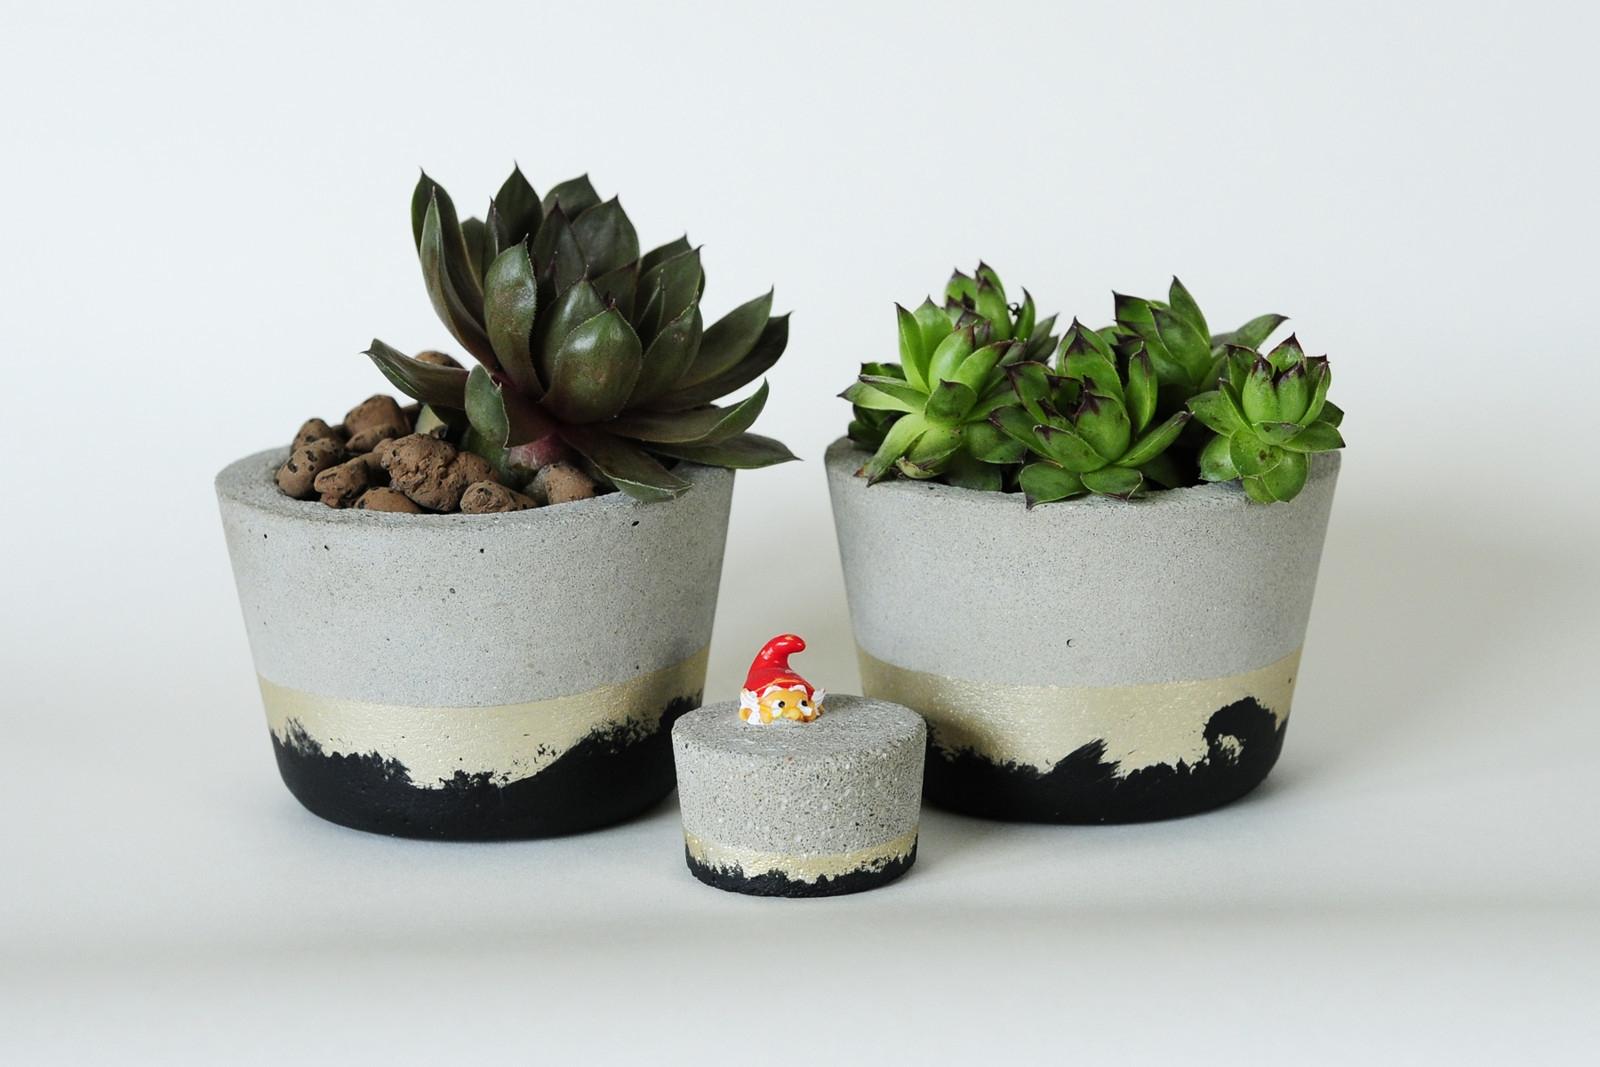 Jak využít beton v zahradě trochu netradičním způsobem: Vyrobte si dekorace z betonu